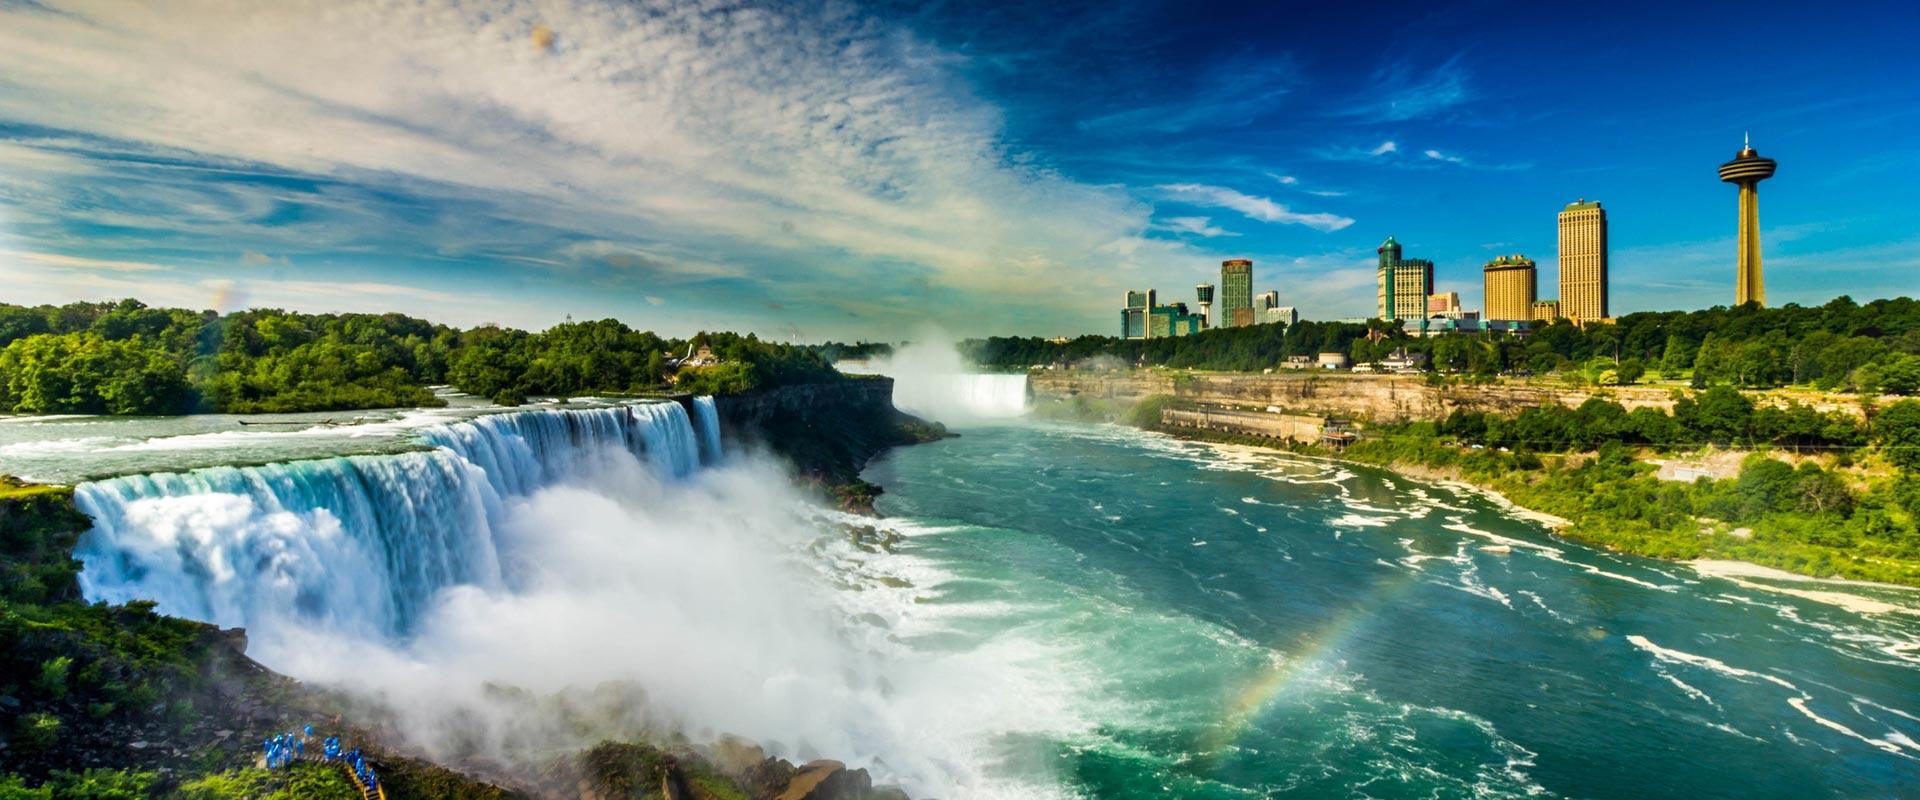 Do You Get Wet At Niagara Falls